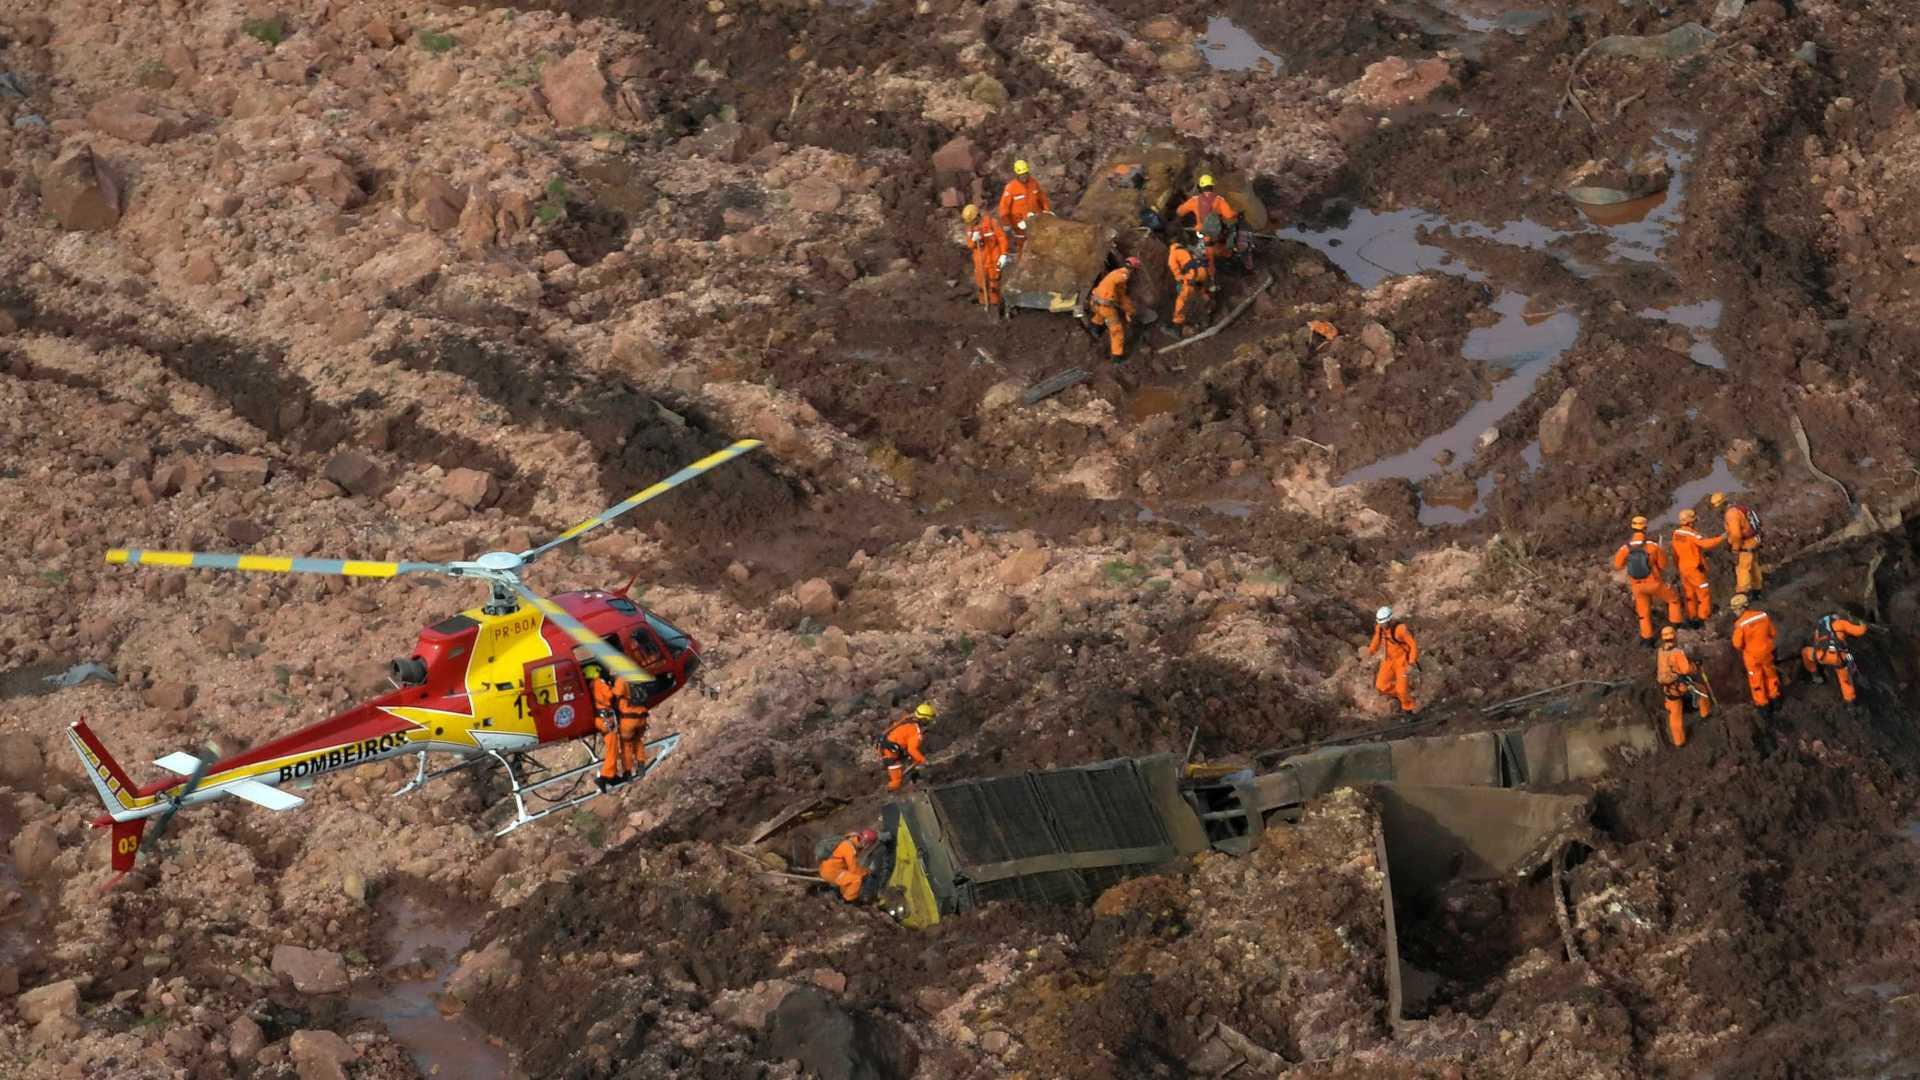 Brumadinho: Executivos da Vale foram avisados sobre risco em barragens antes do desastre, diz publicação